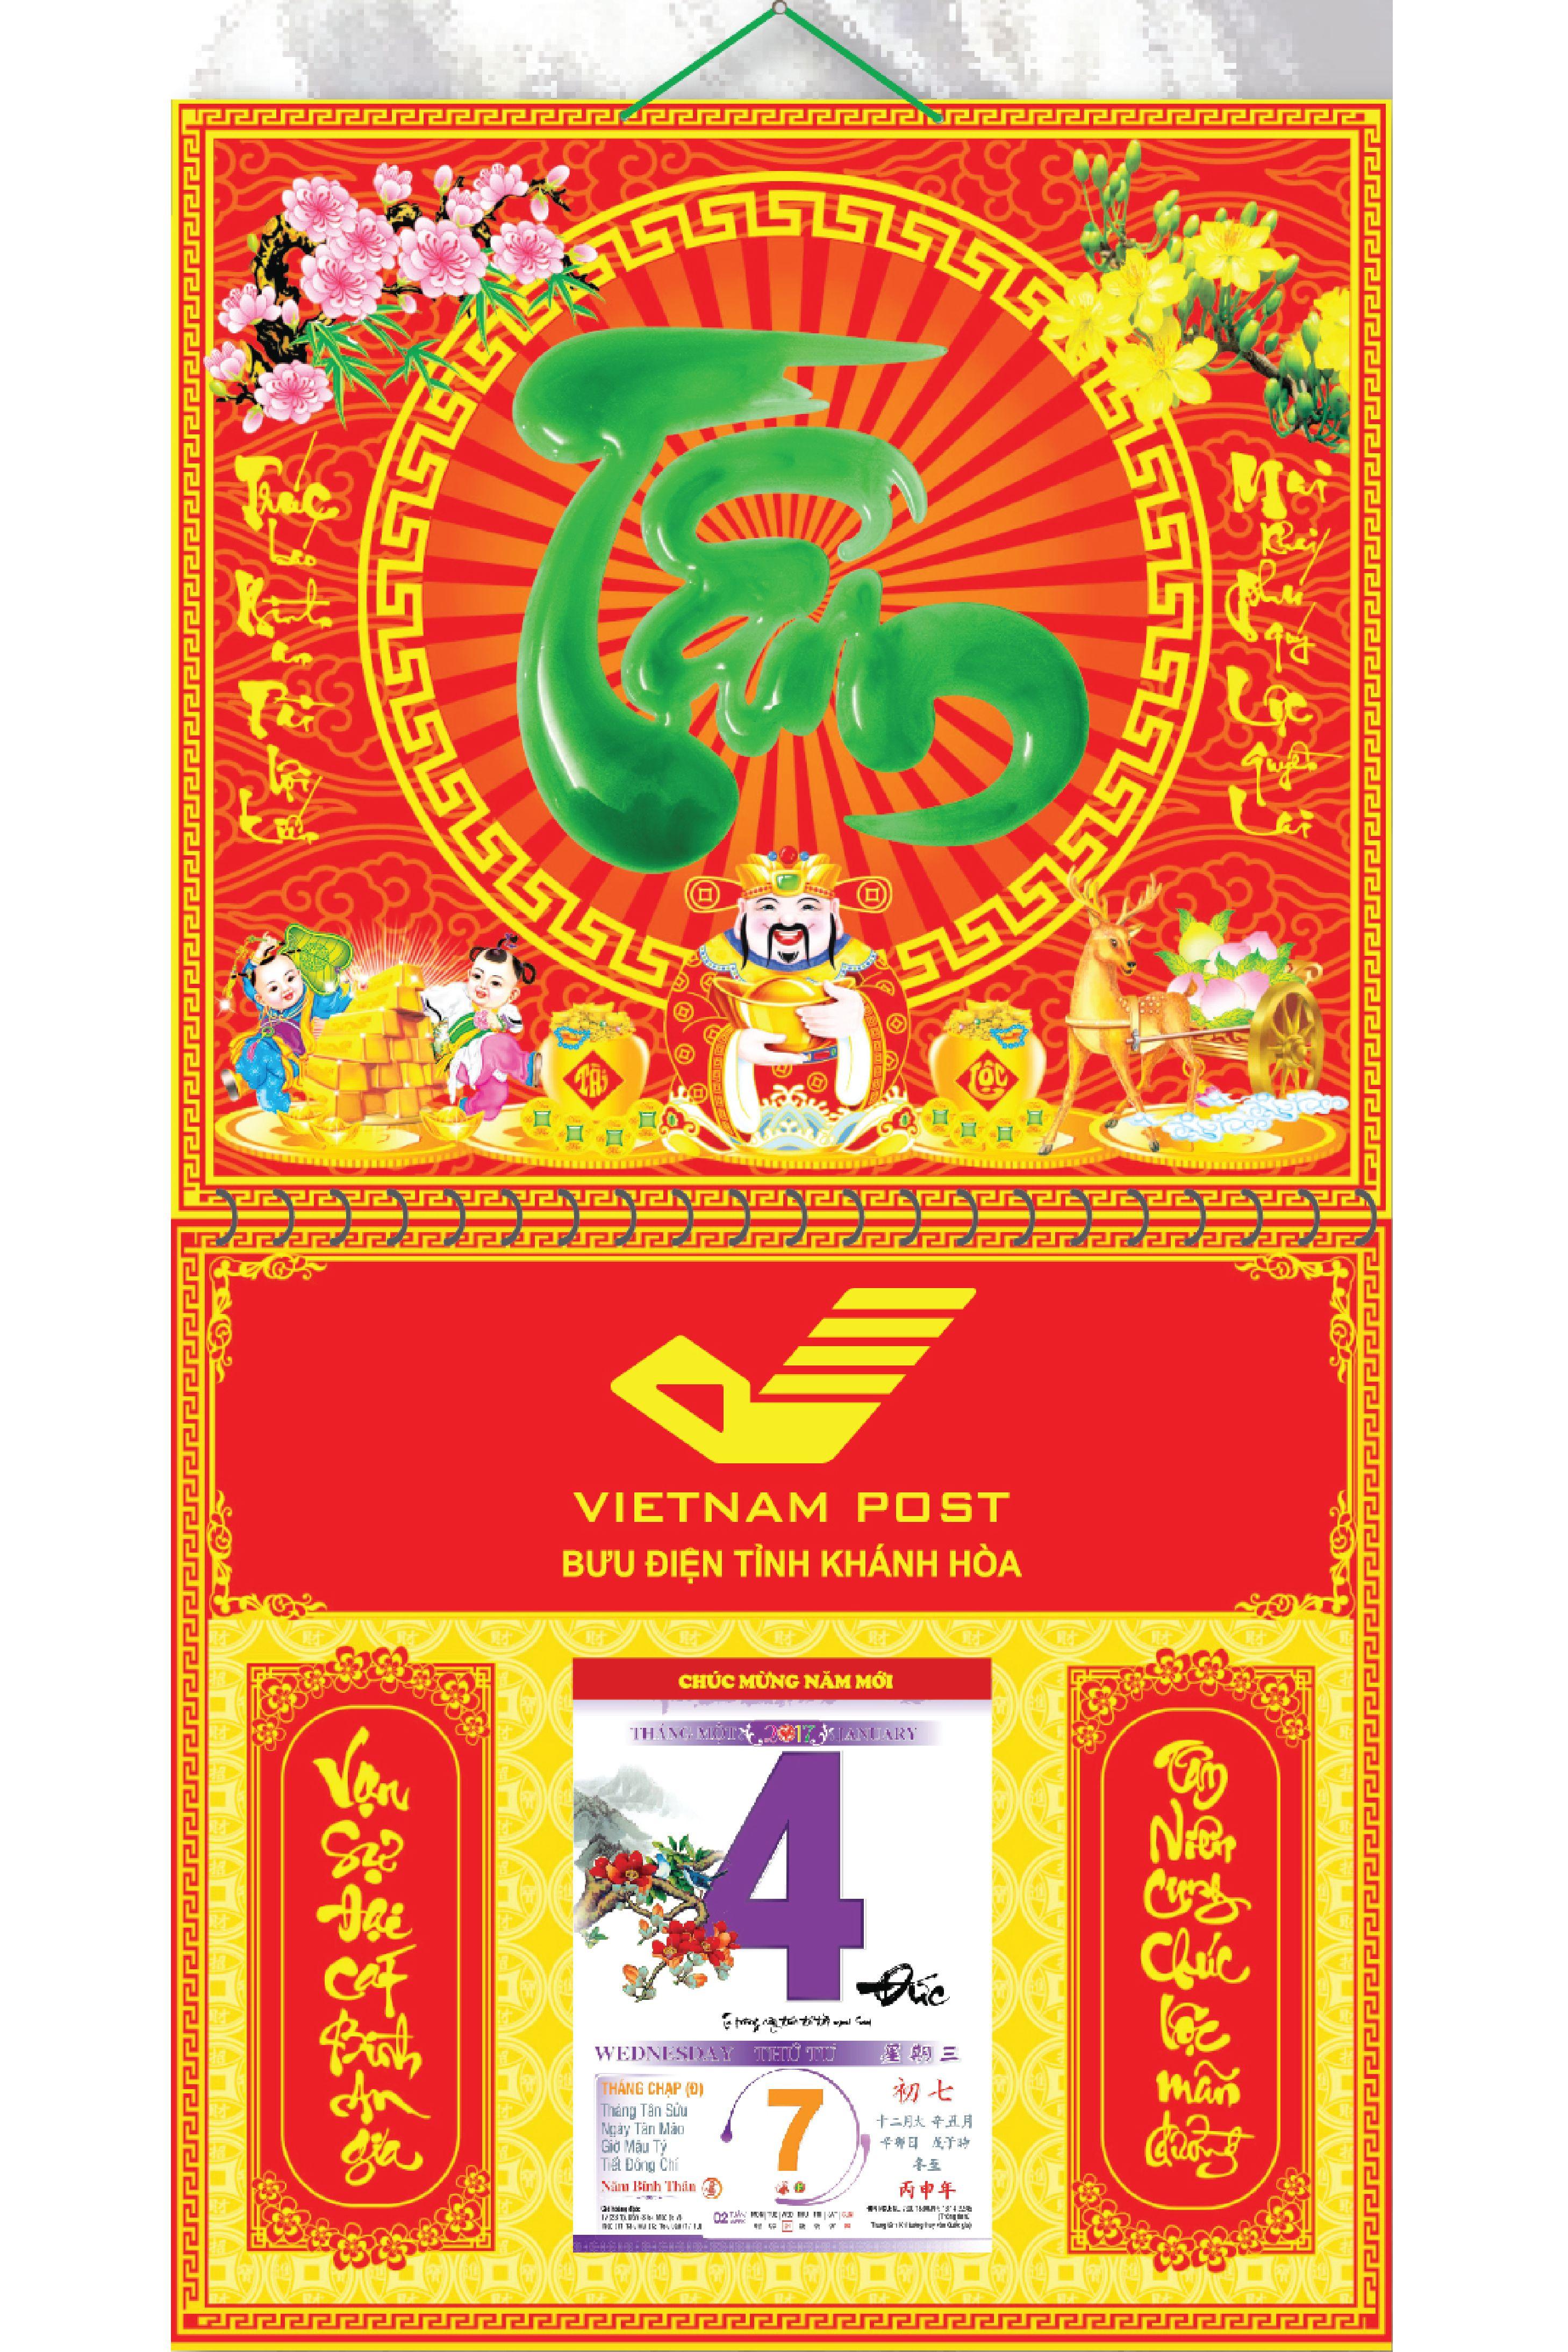 Bìa Treo Lịch Tết 2017 Lò Xo Giữa Gắn Bloc Dán Nổi Chữ Tâm Cẩm Thạch KV.47 - EBOOK/PDF/PRC/EPUB